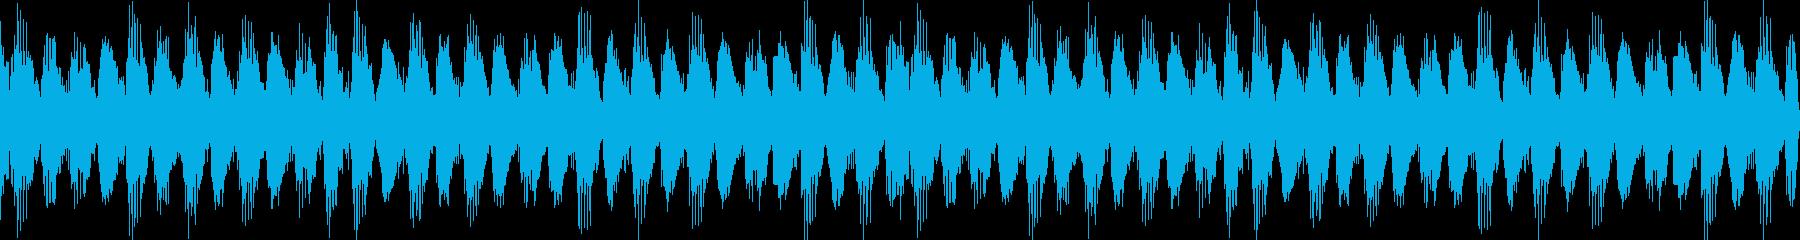 4分打ちEDM風ループ音源ですの再生済みの波形